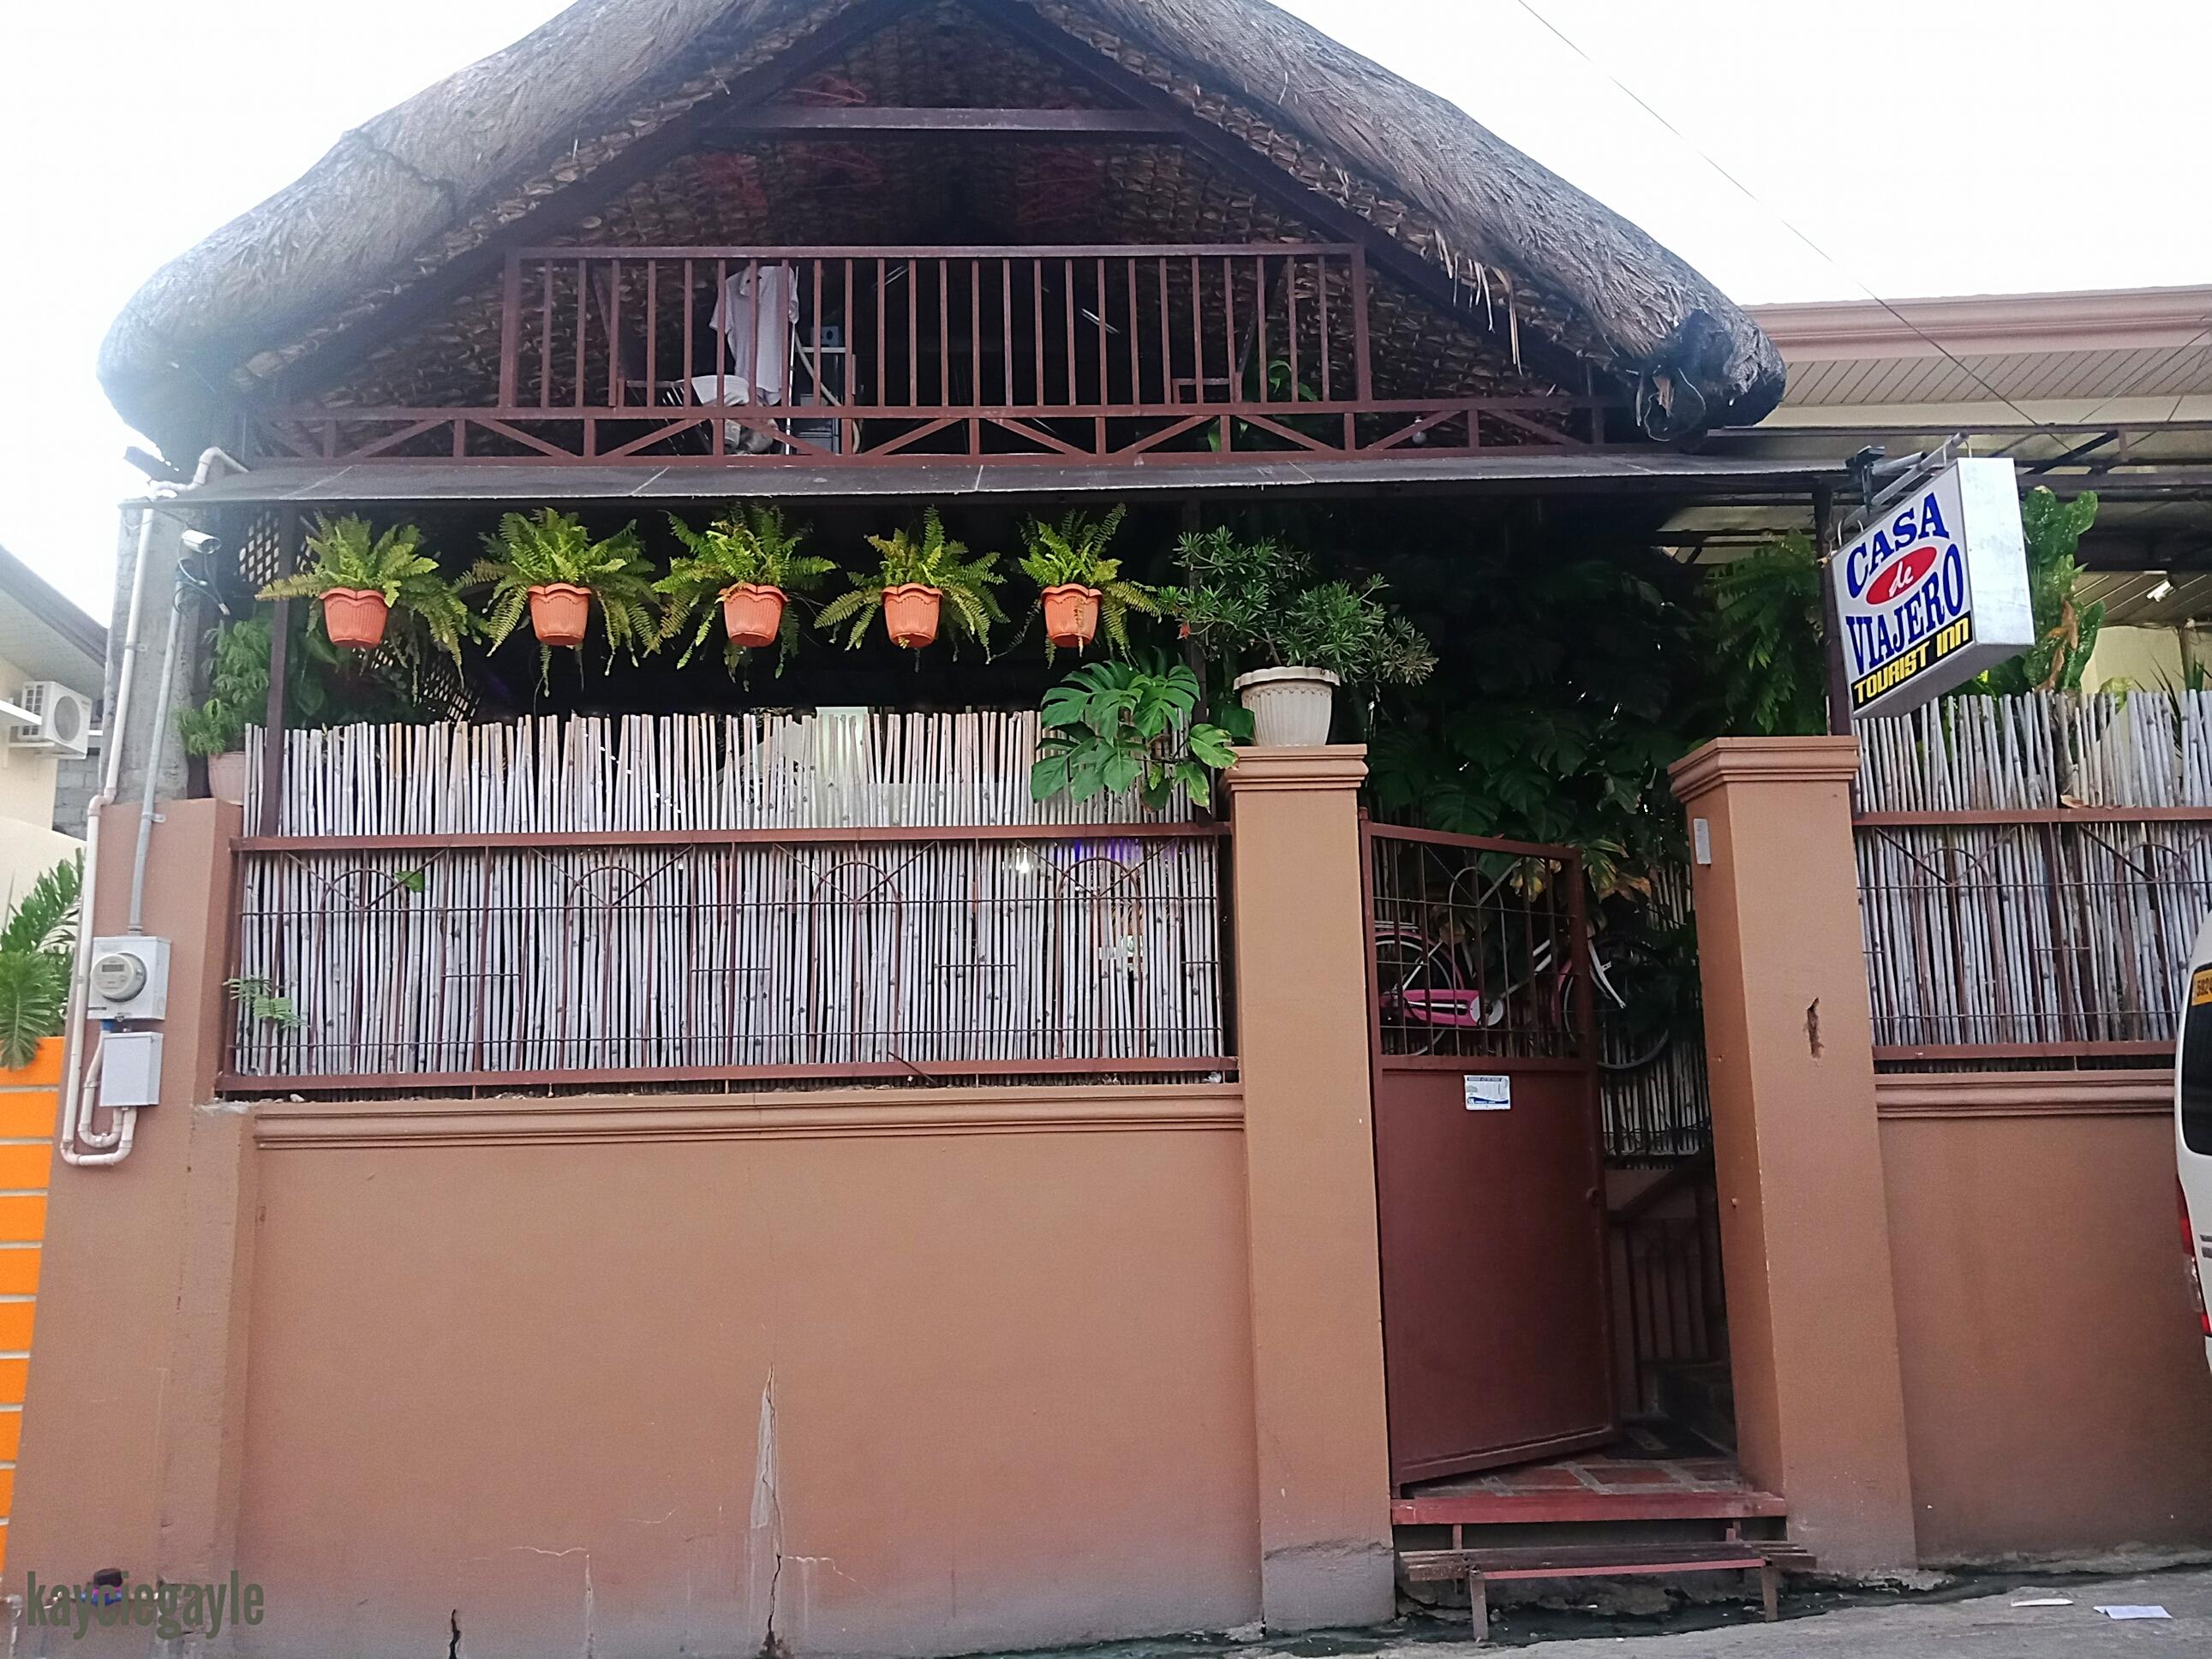 Casa de Viajero Tourist Inn Facade